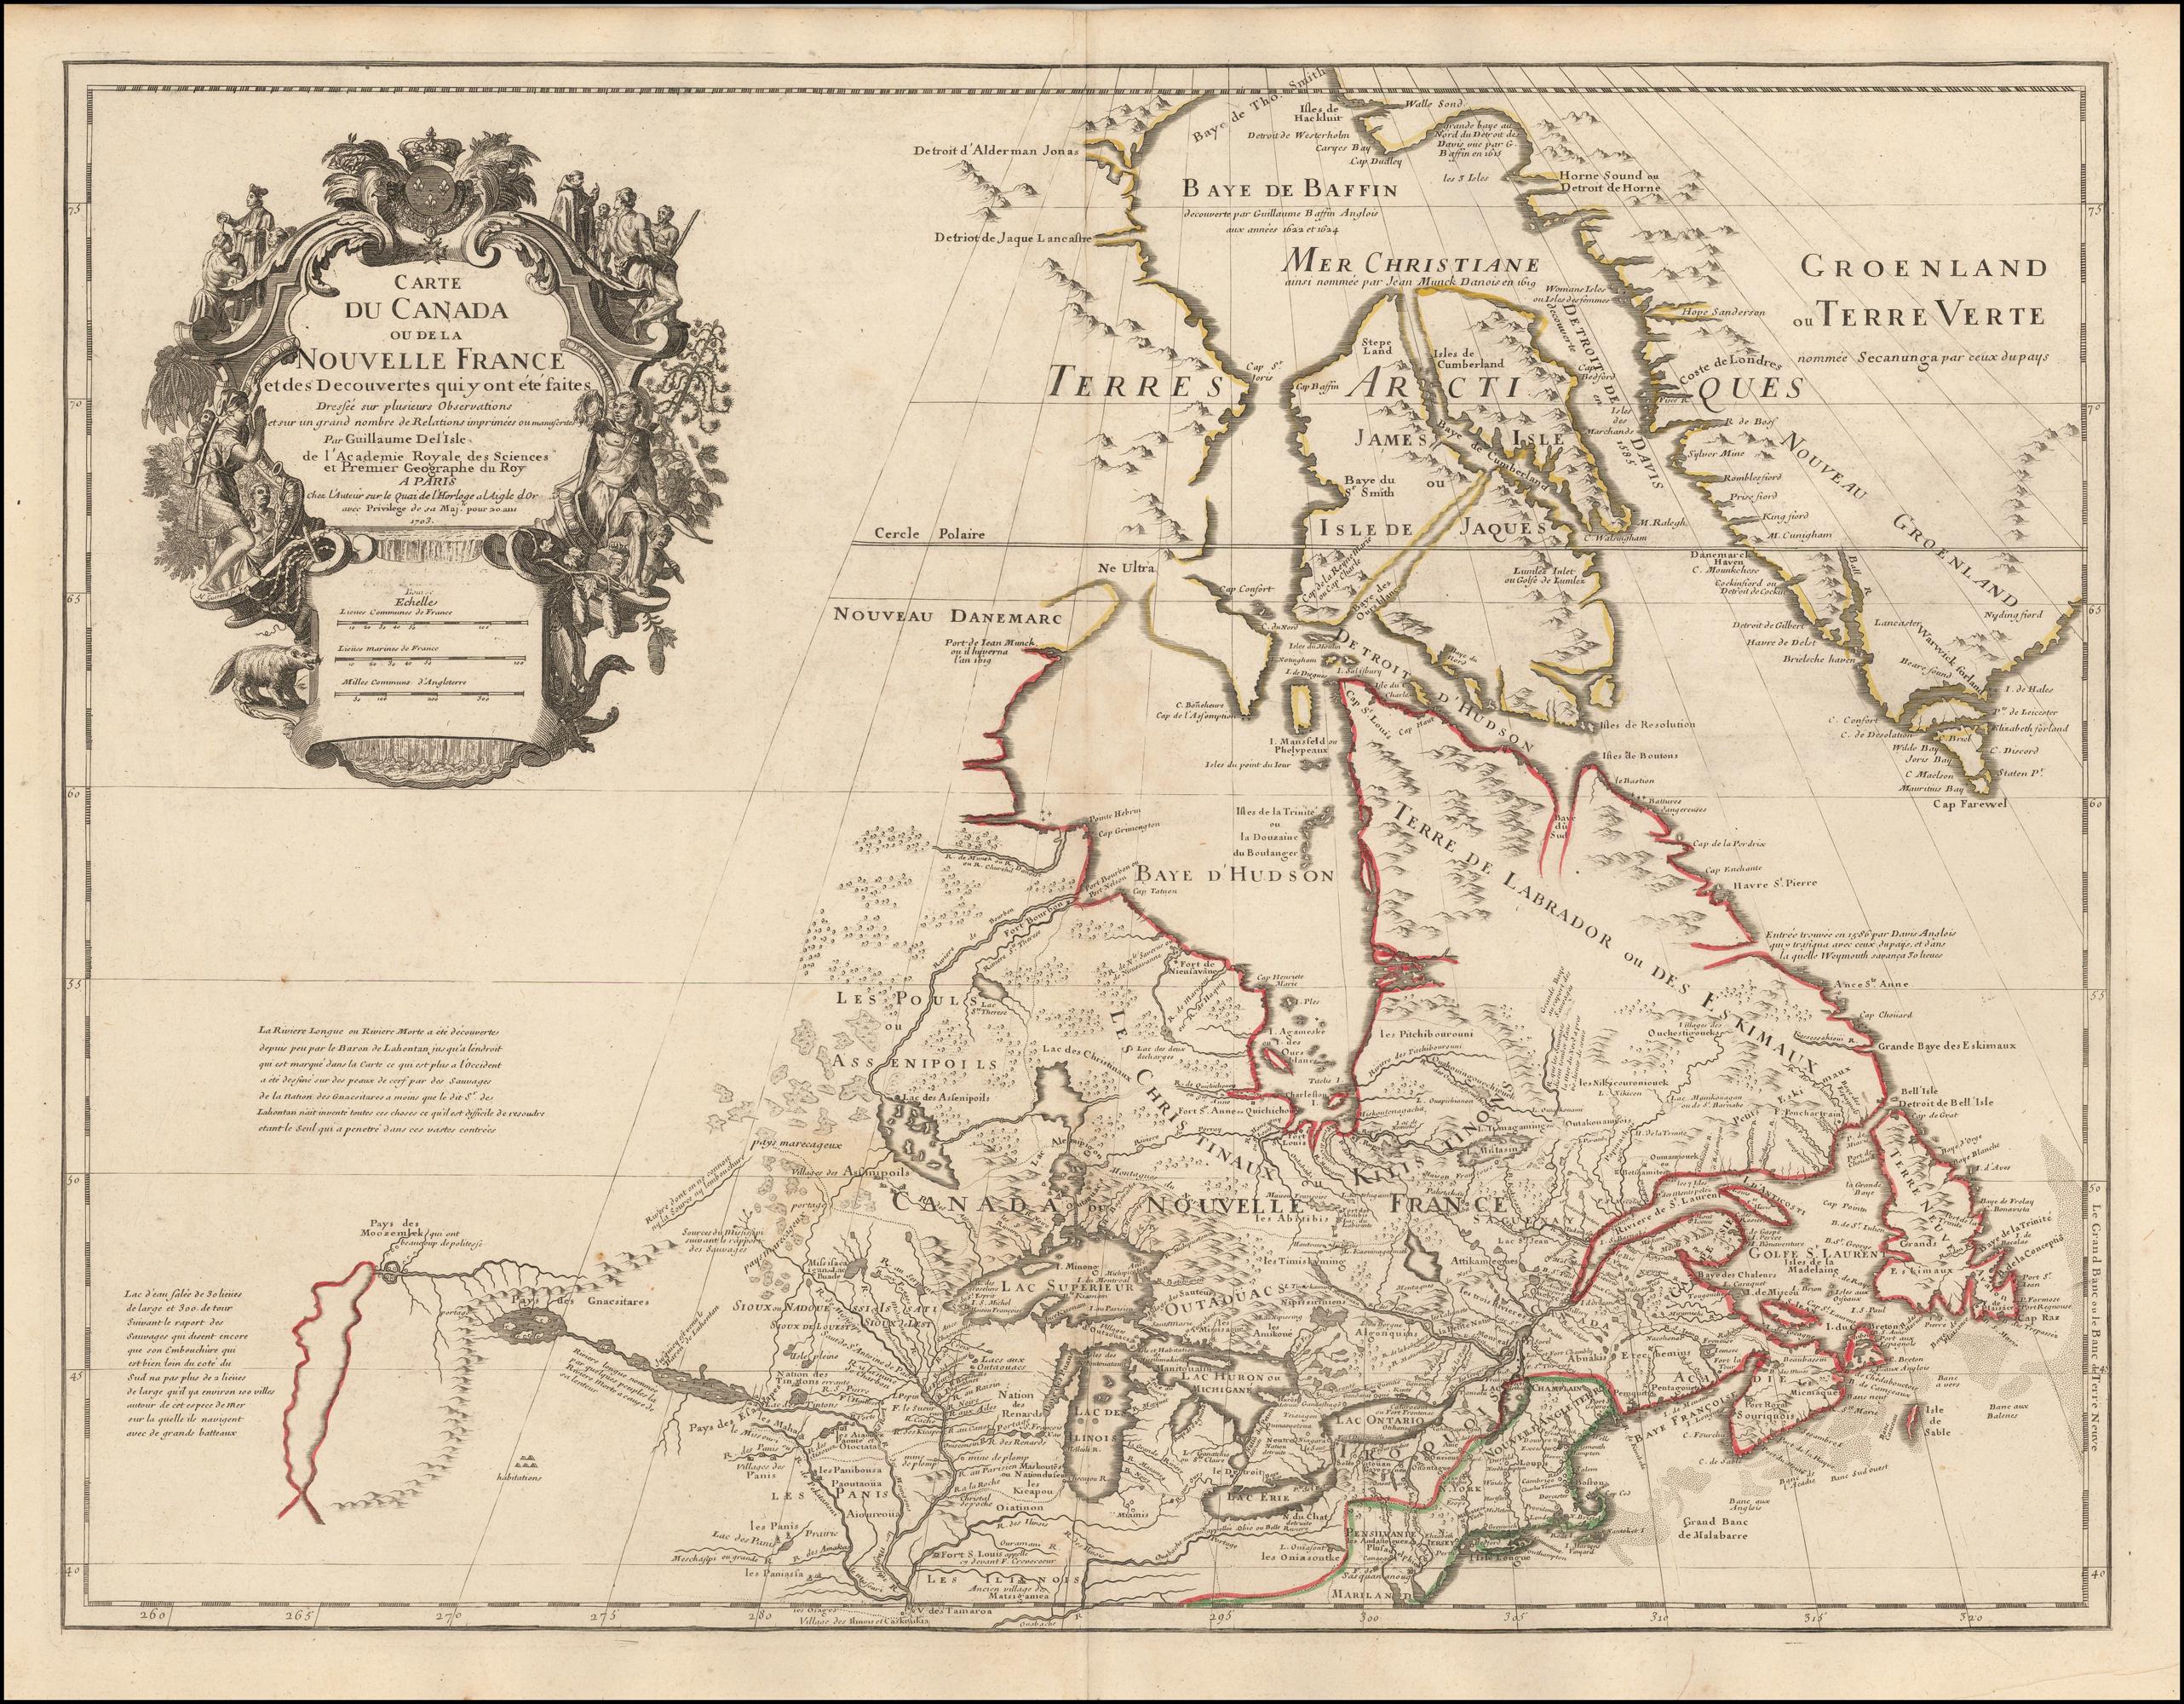 Early Map Of Canada Carte Du Canada ou de la Nouvelle France et des Decouvertes qui y